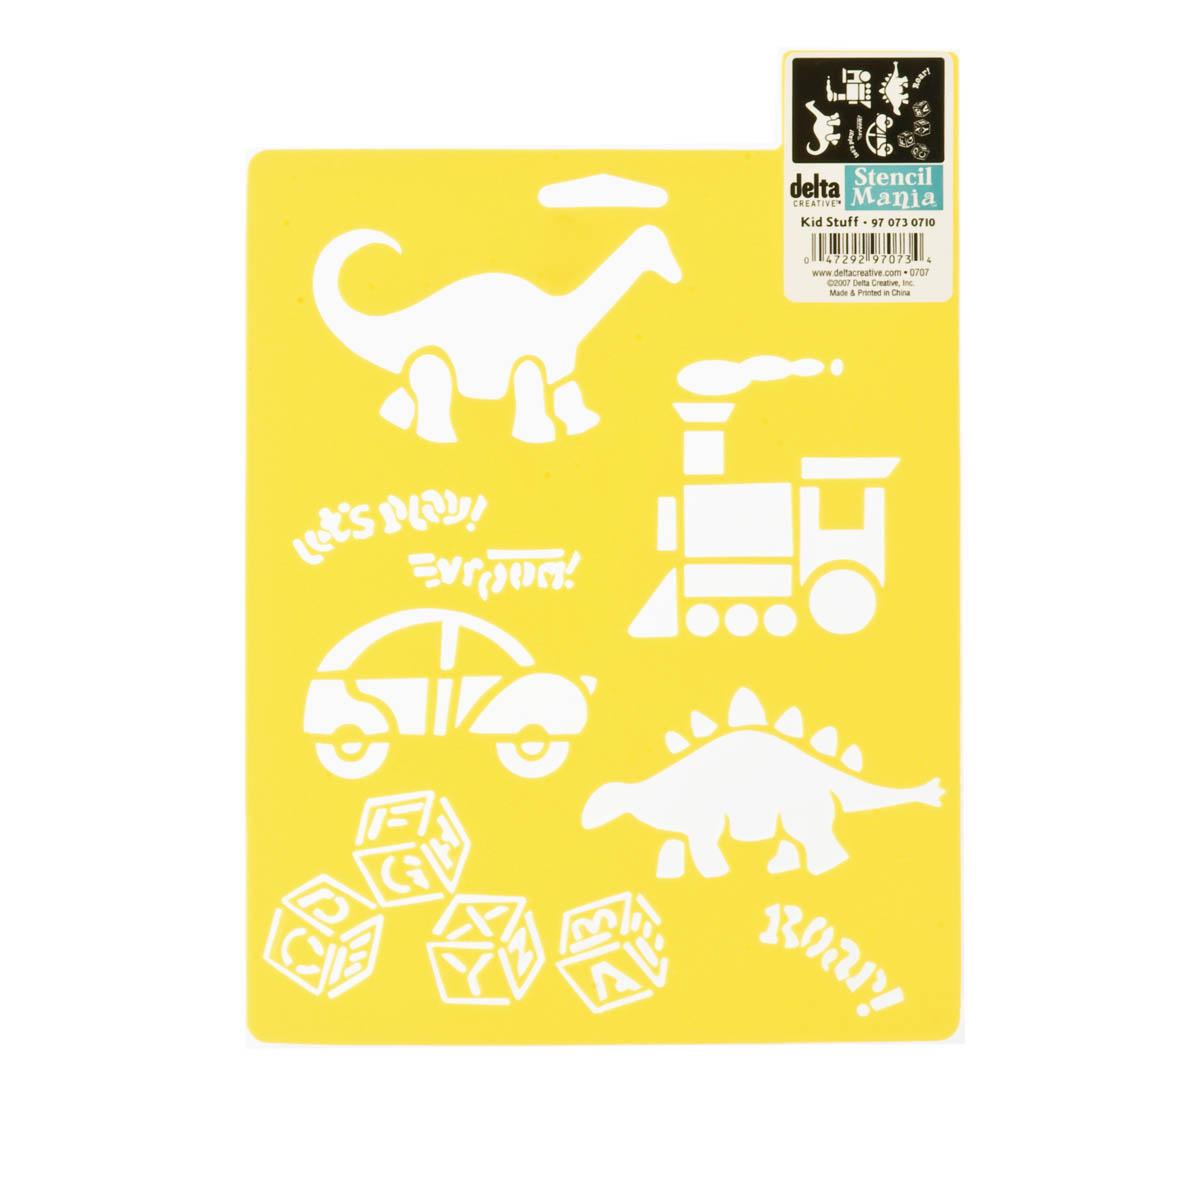 Delta Stencil Mania™ - Kid Stuff - 970730710